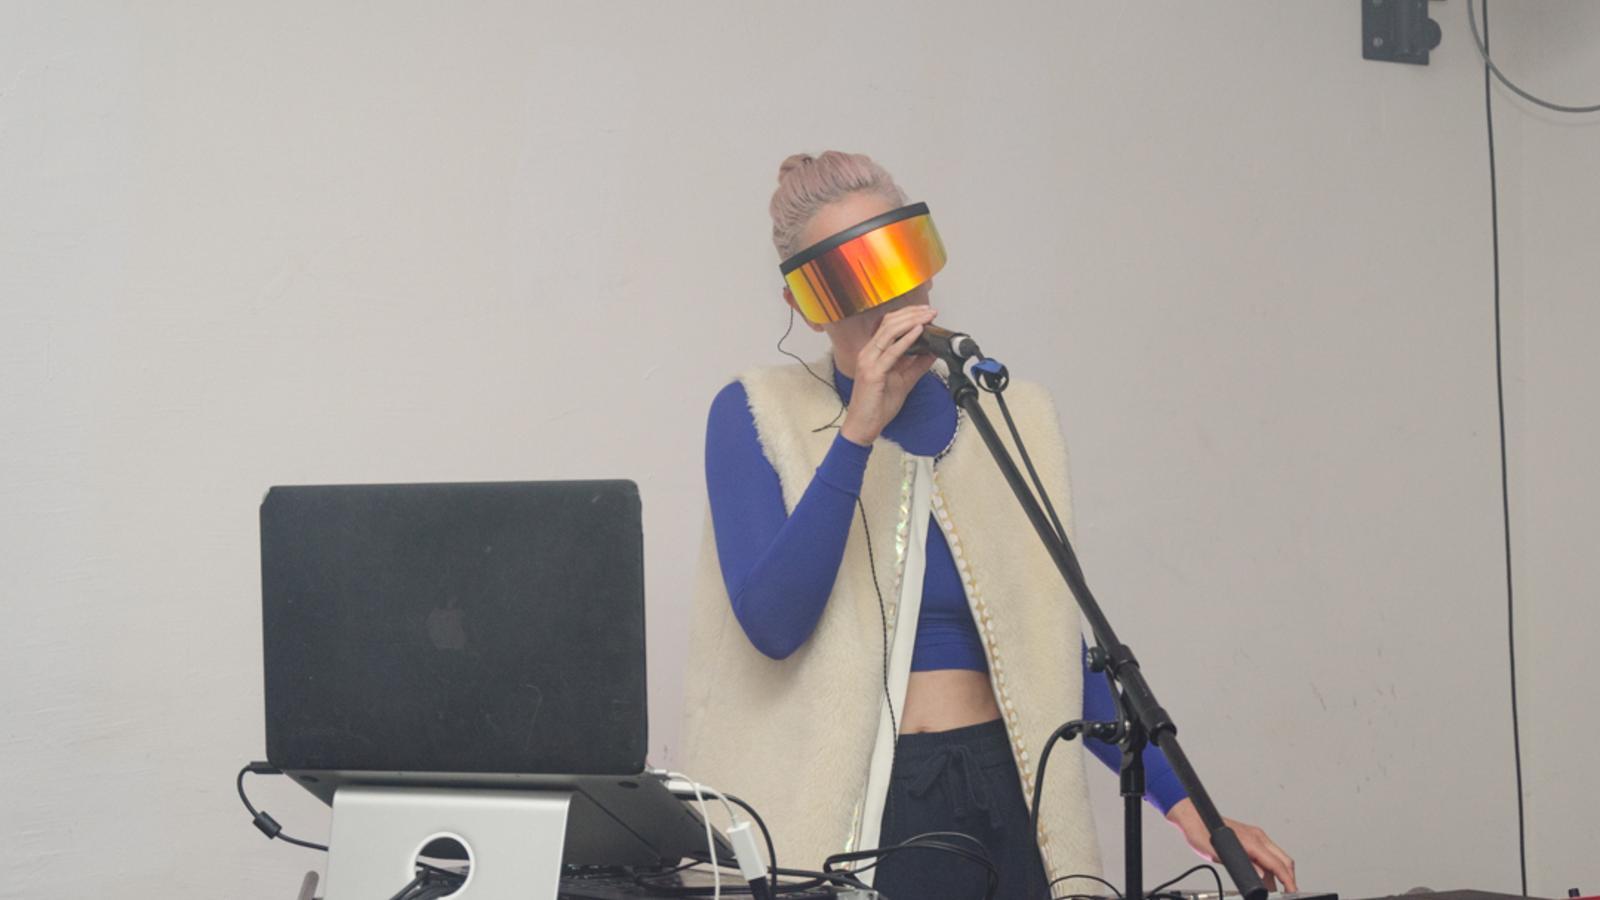 acting in concert